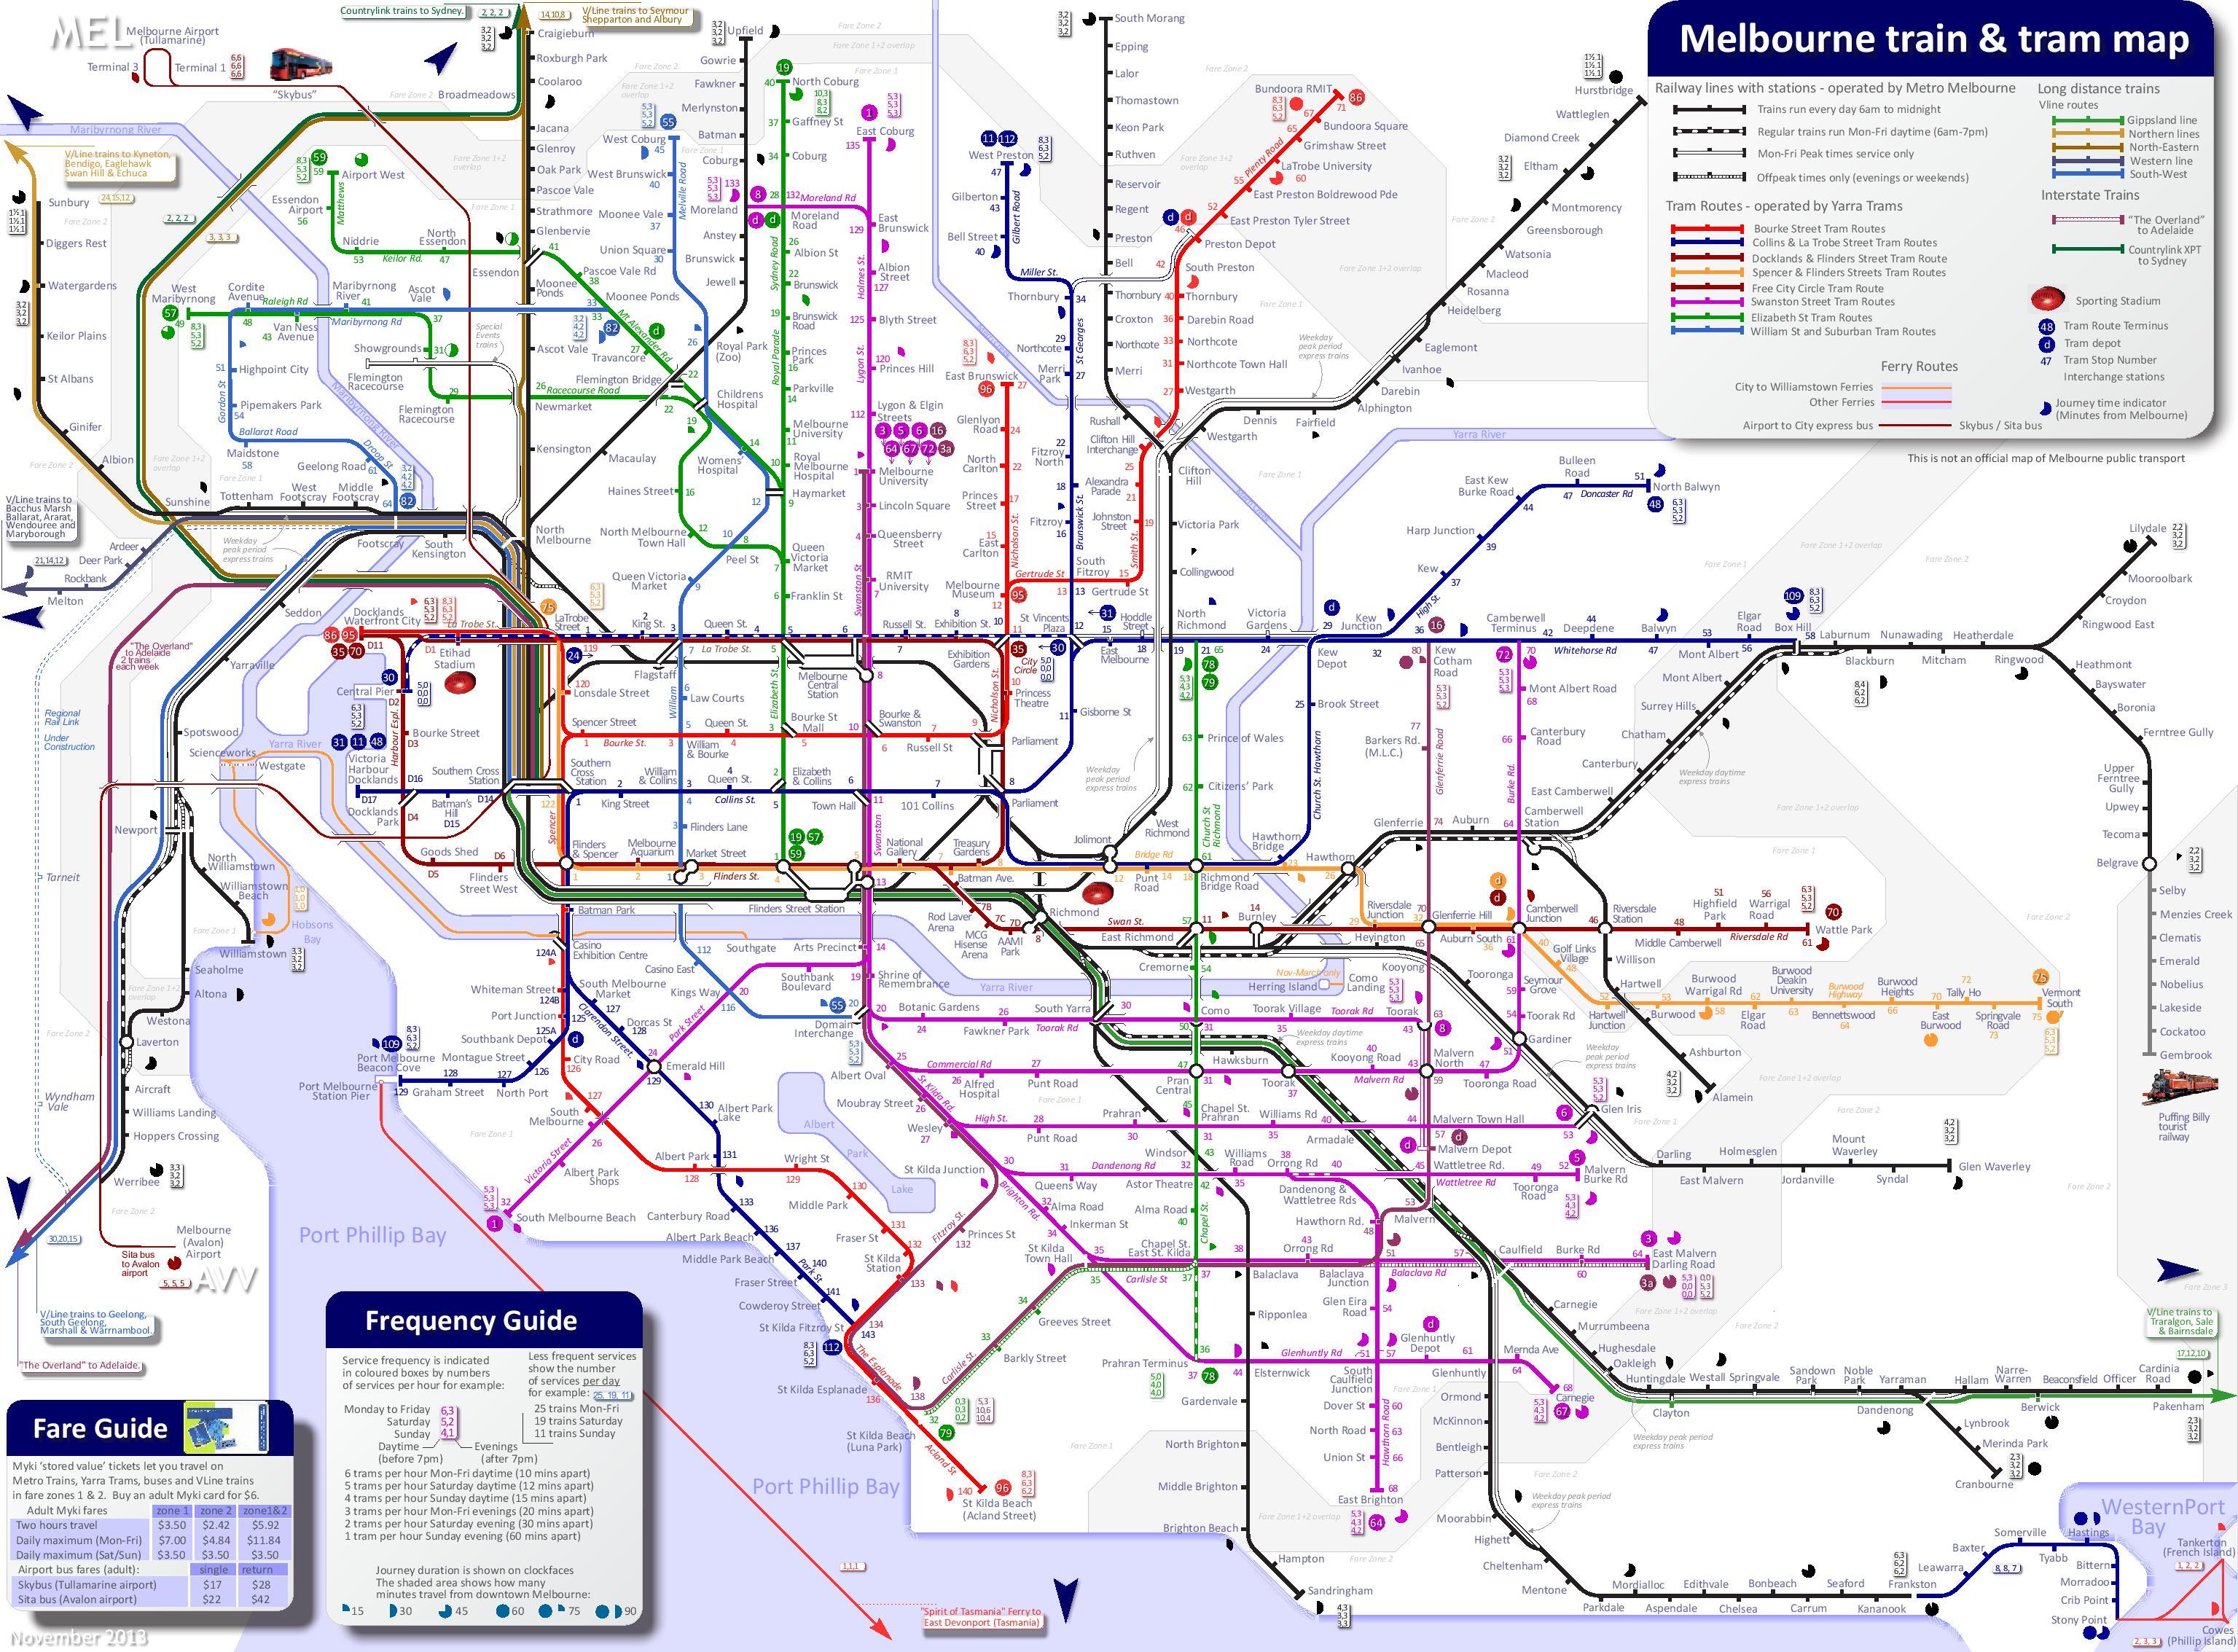 Melbourne Tram Map Melbourne train and tram map Melbourne Tram Map